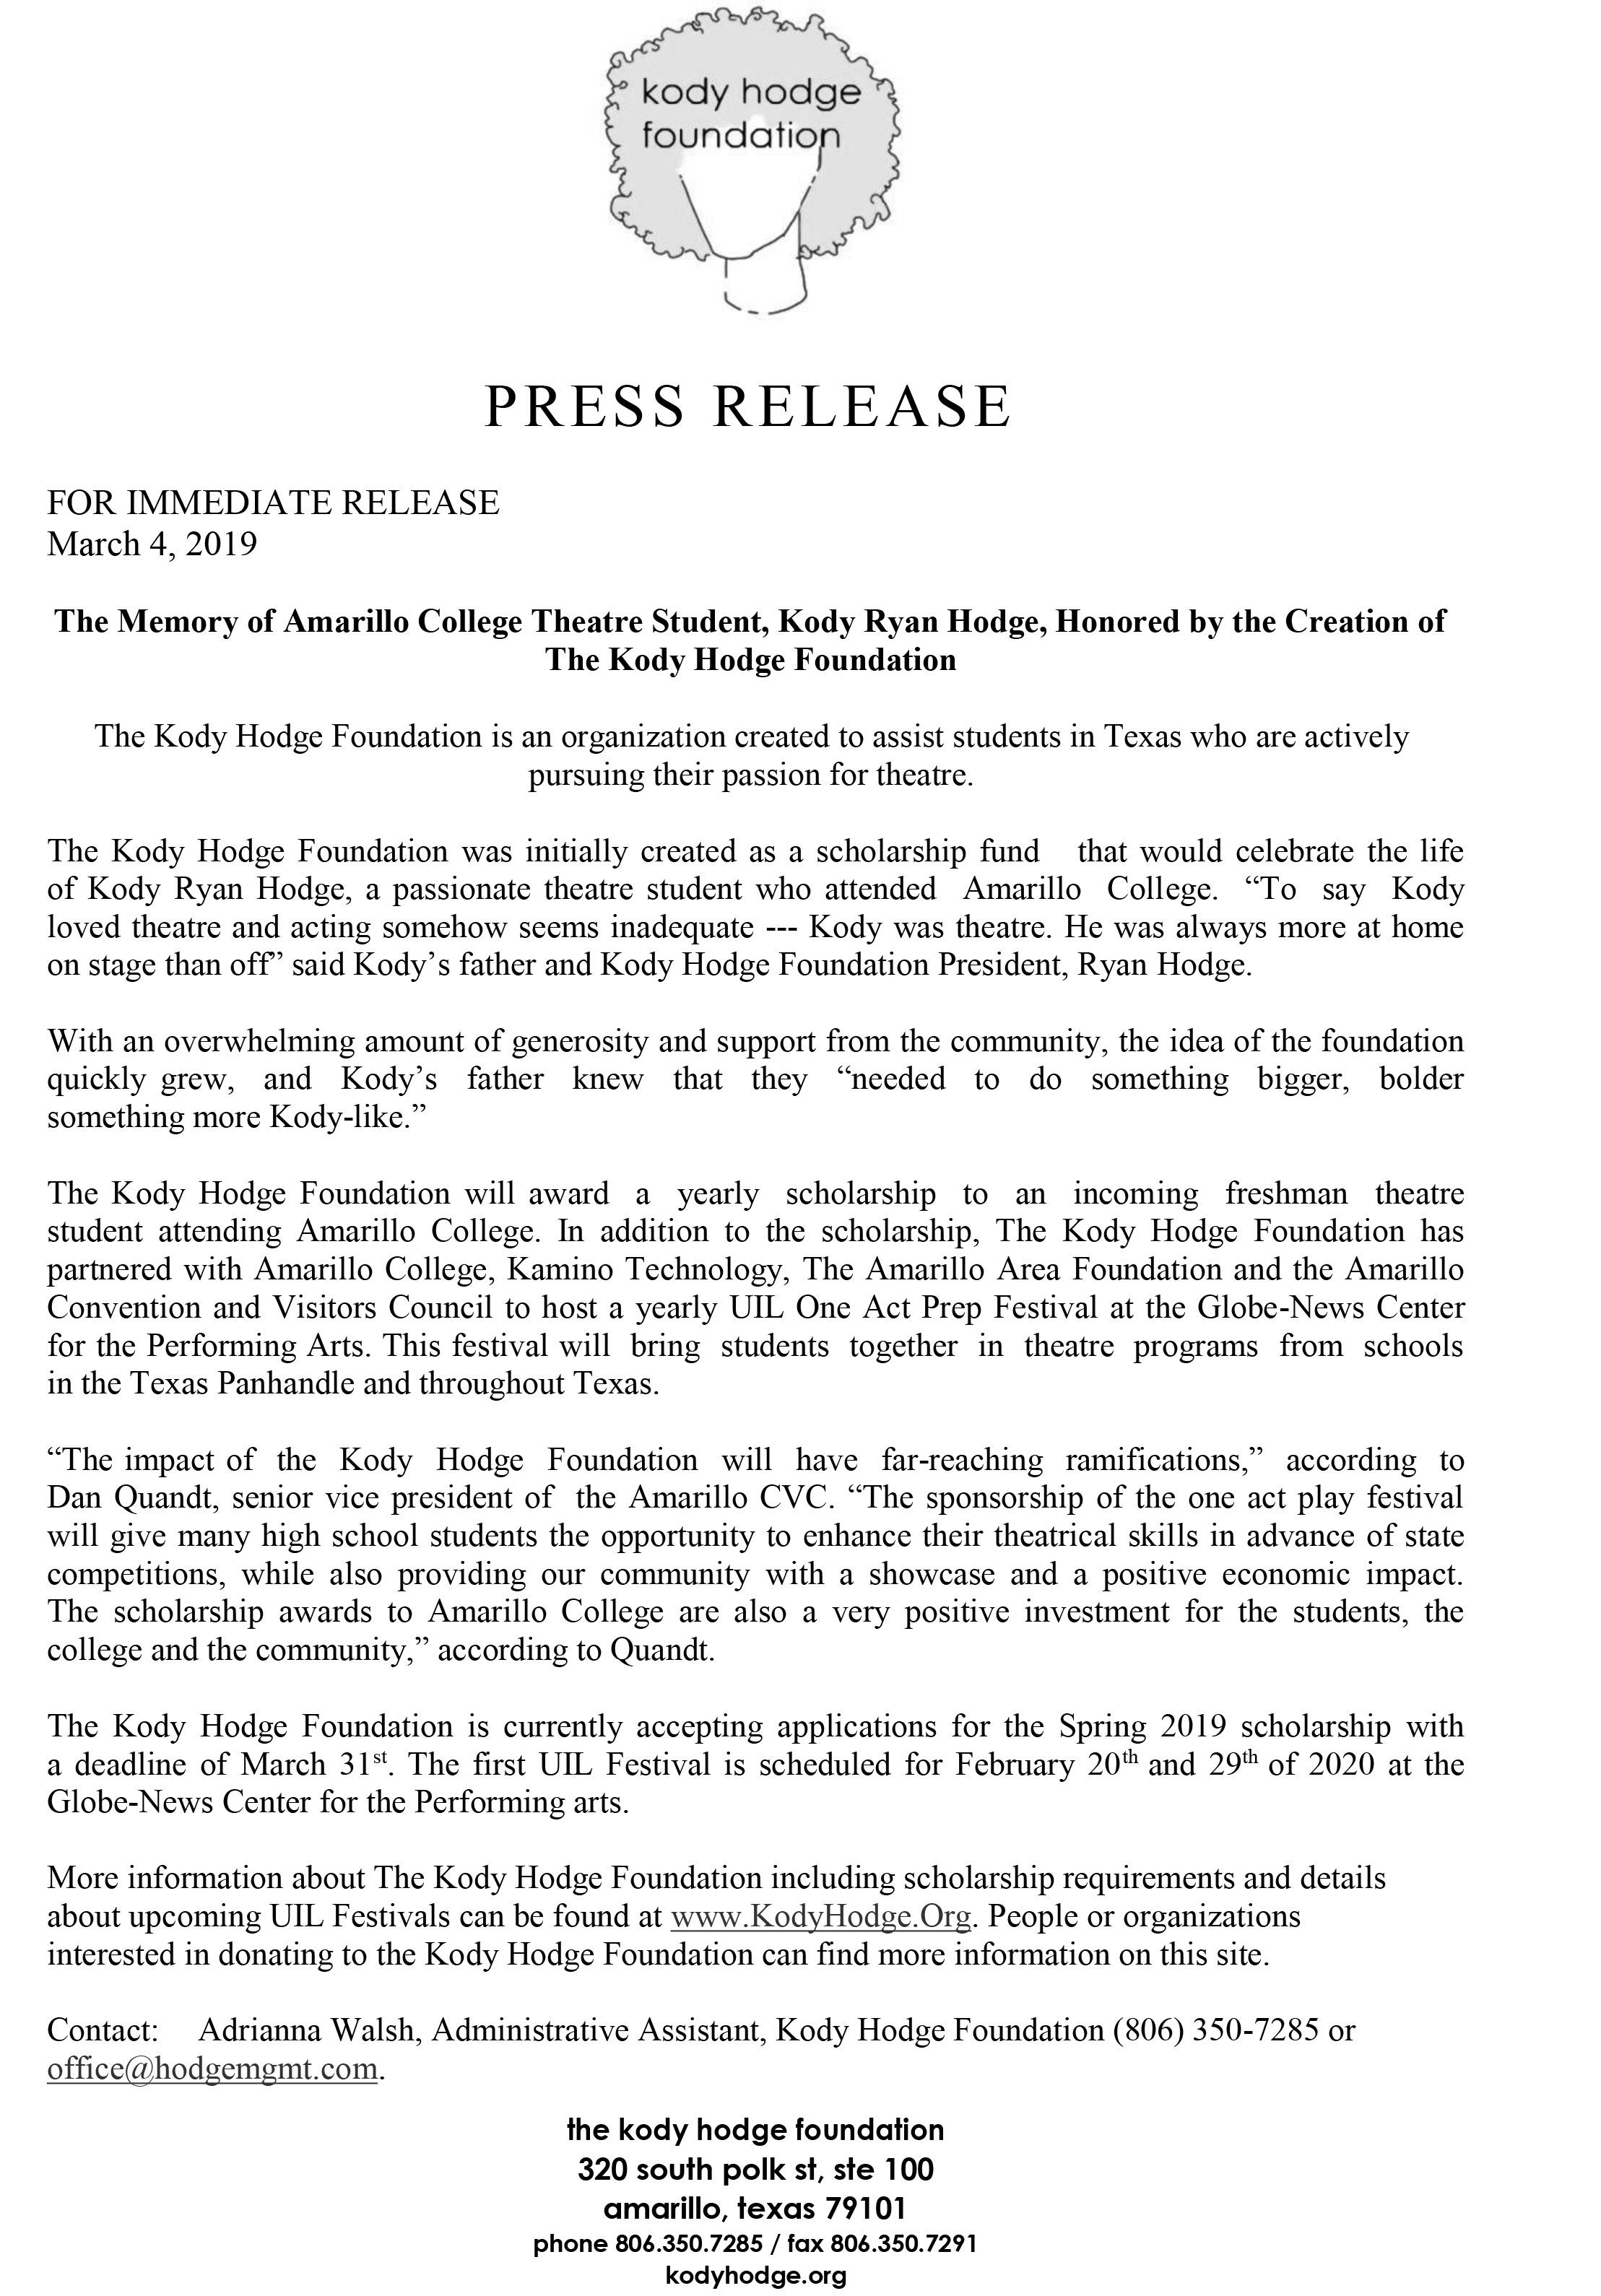 KHF Press Release.jpg